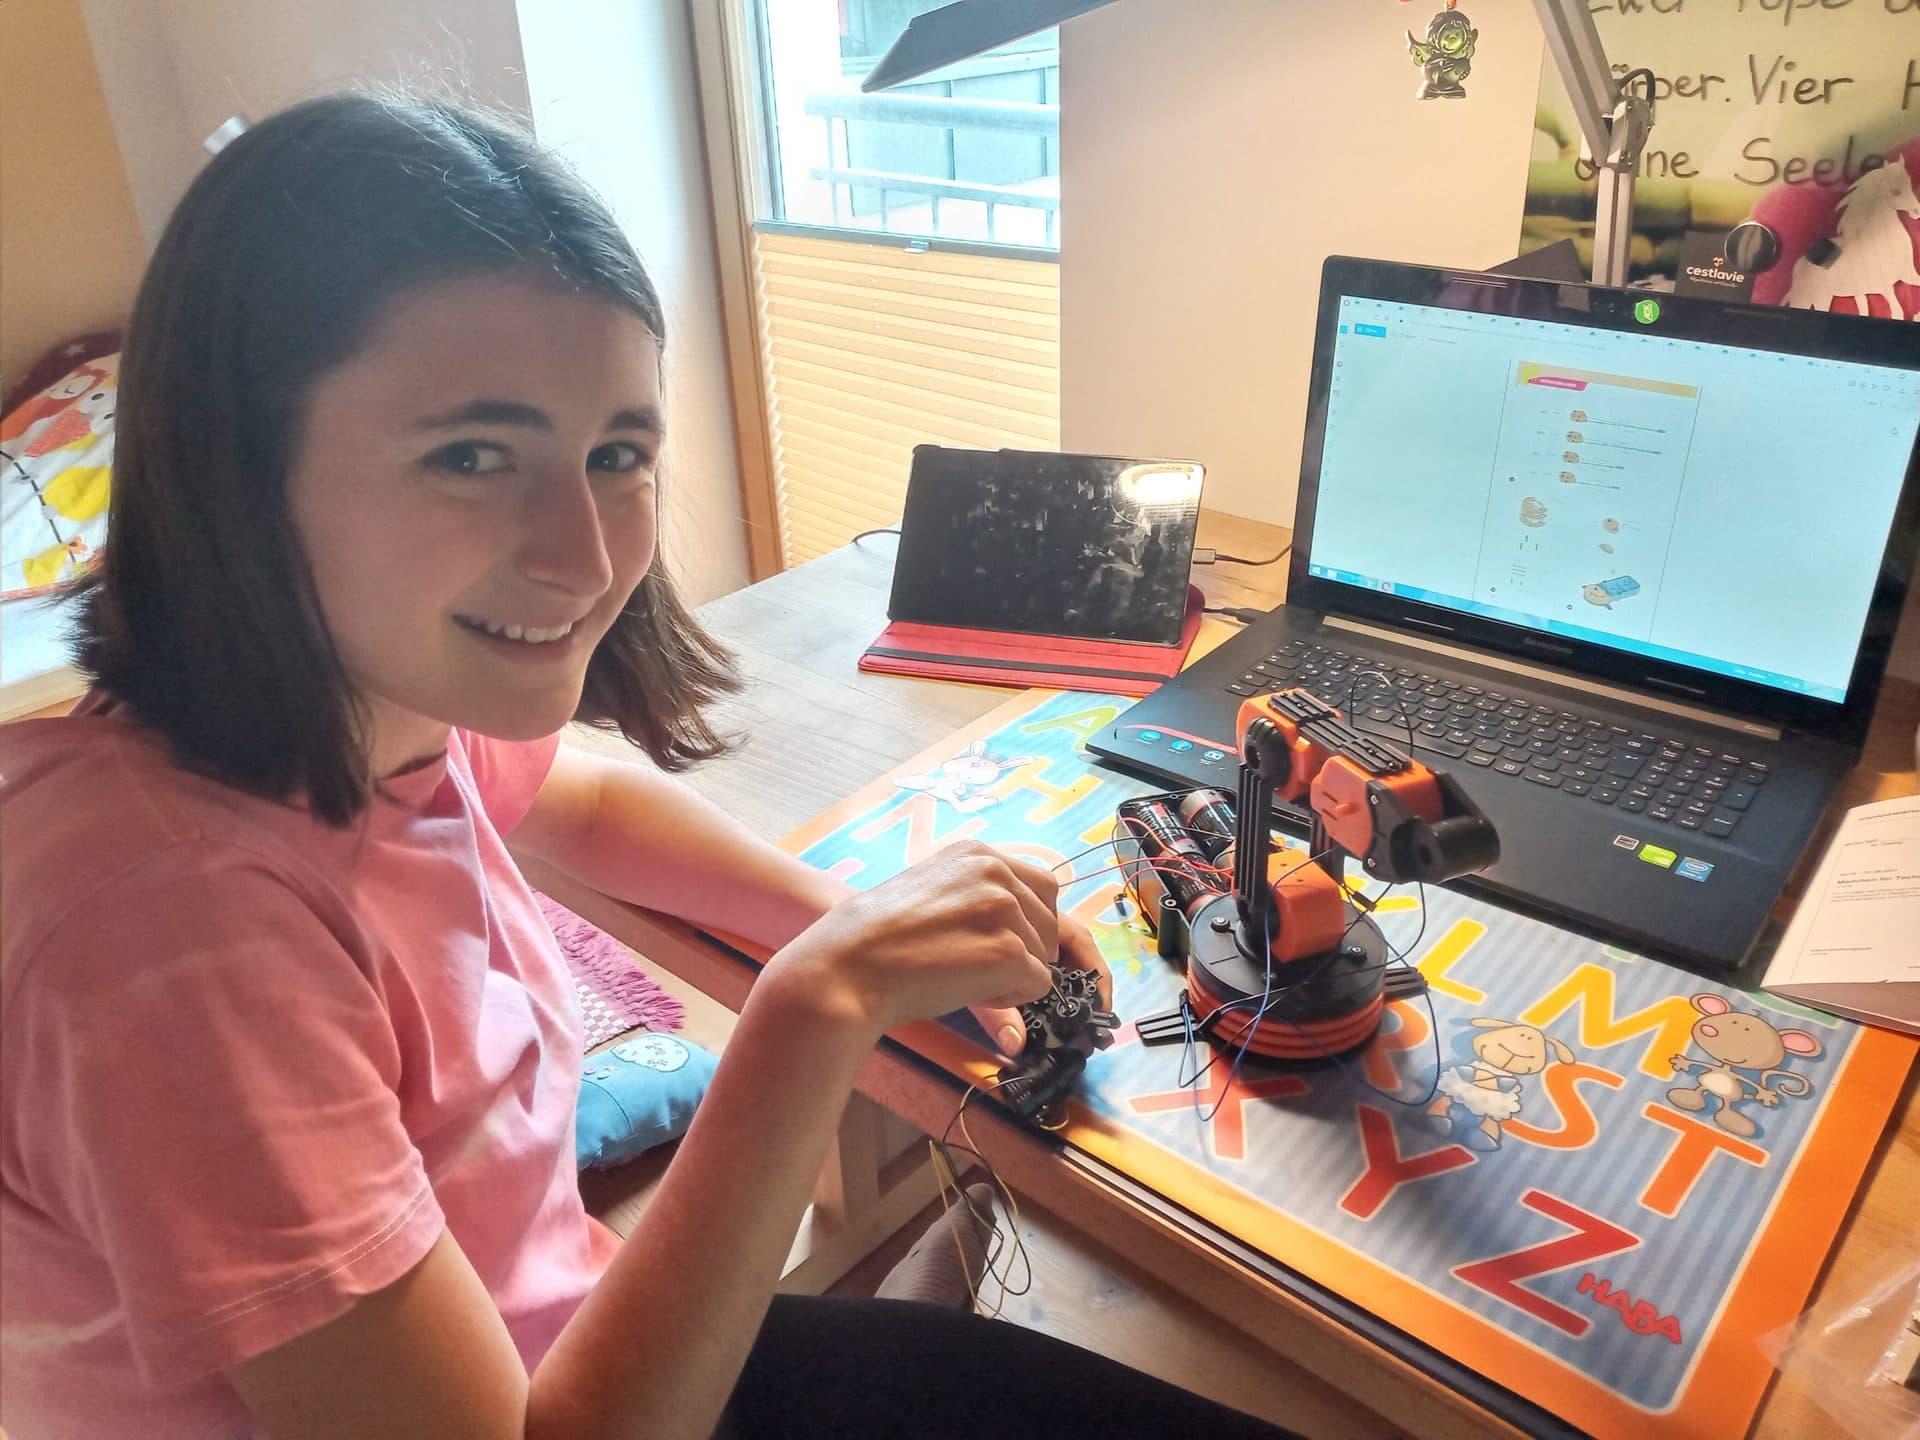 Junge Frauen für MINT begeistern Digitales Mädchen für Technik-Camp mit DEHN SE + Co KG sorgt für Einblick in die technische Berufswelt